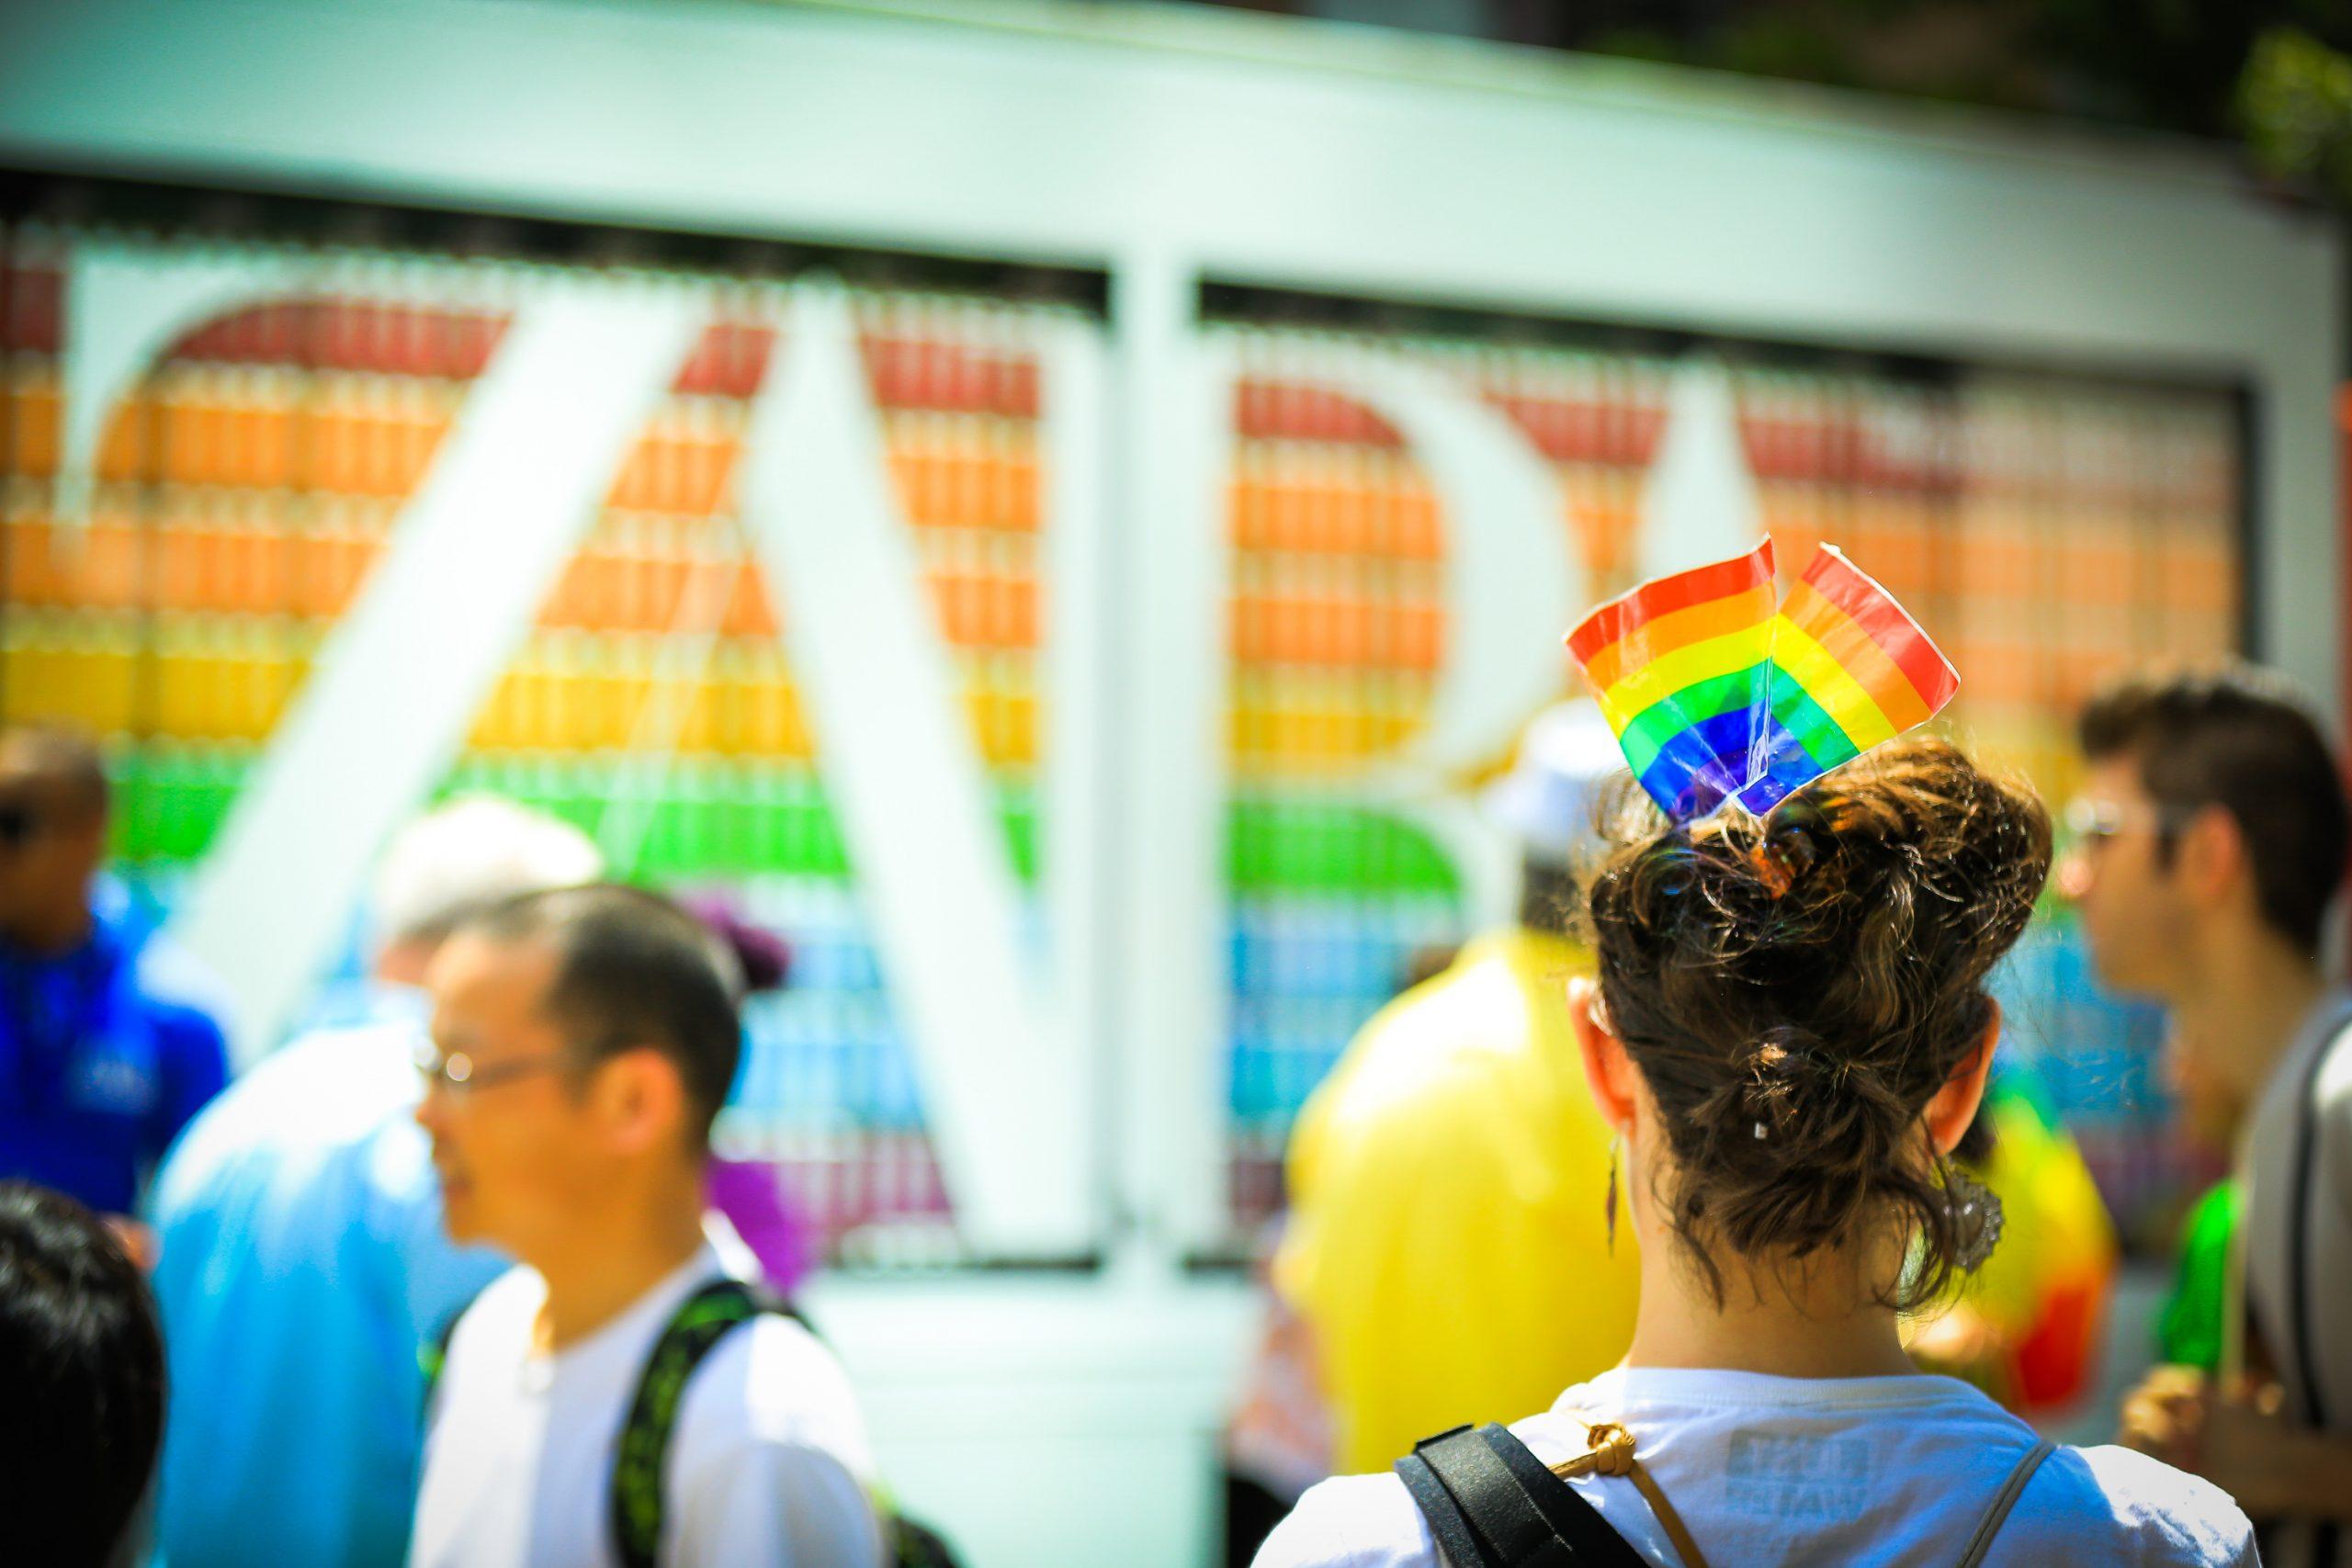 NYC gay pride marketing 2020